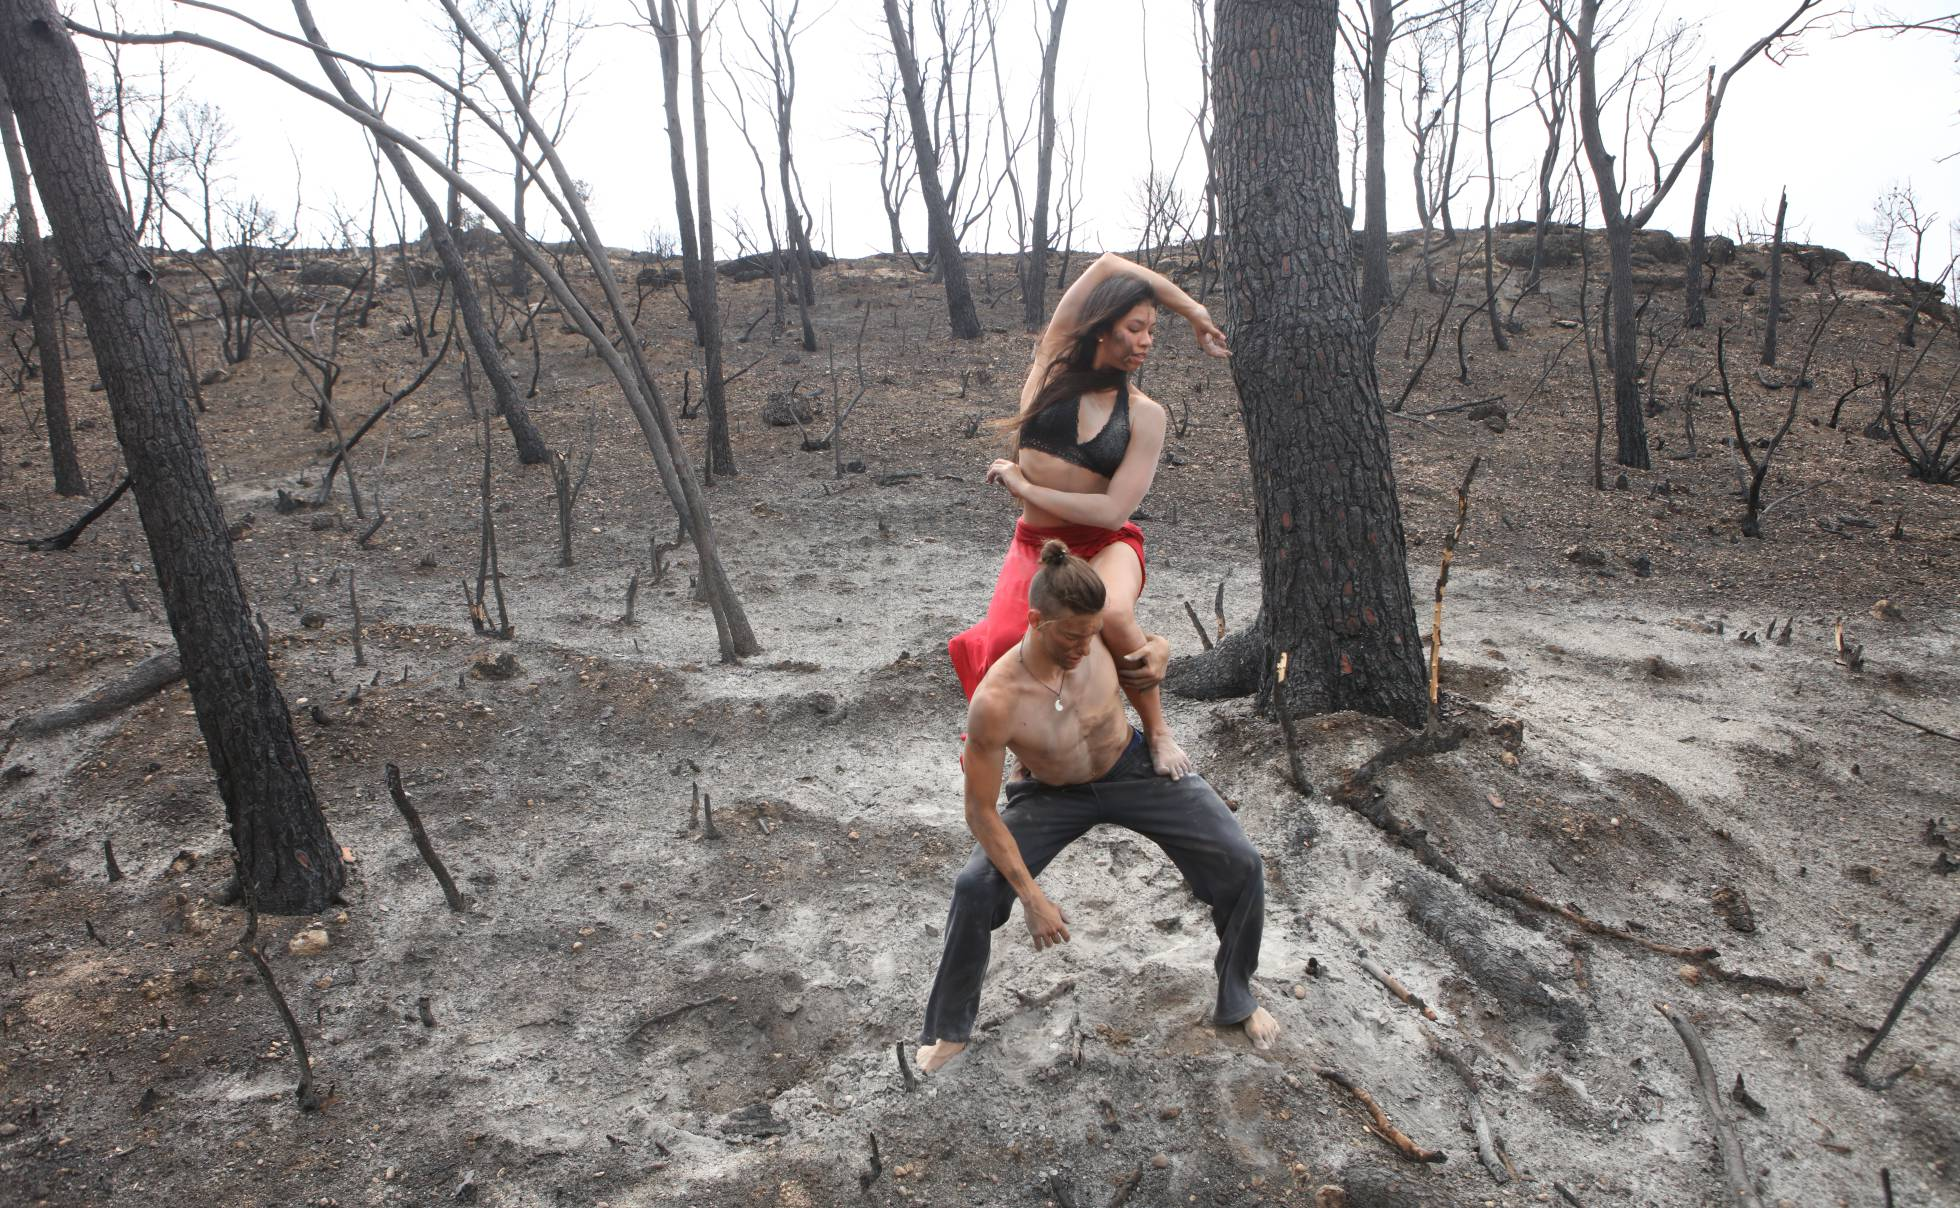 Танцевальный фестиваль Deltebre Dansa собрал танцоров в одной из самых пострадавших от пожаров зон Каталонии